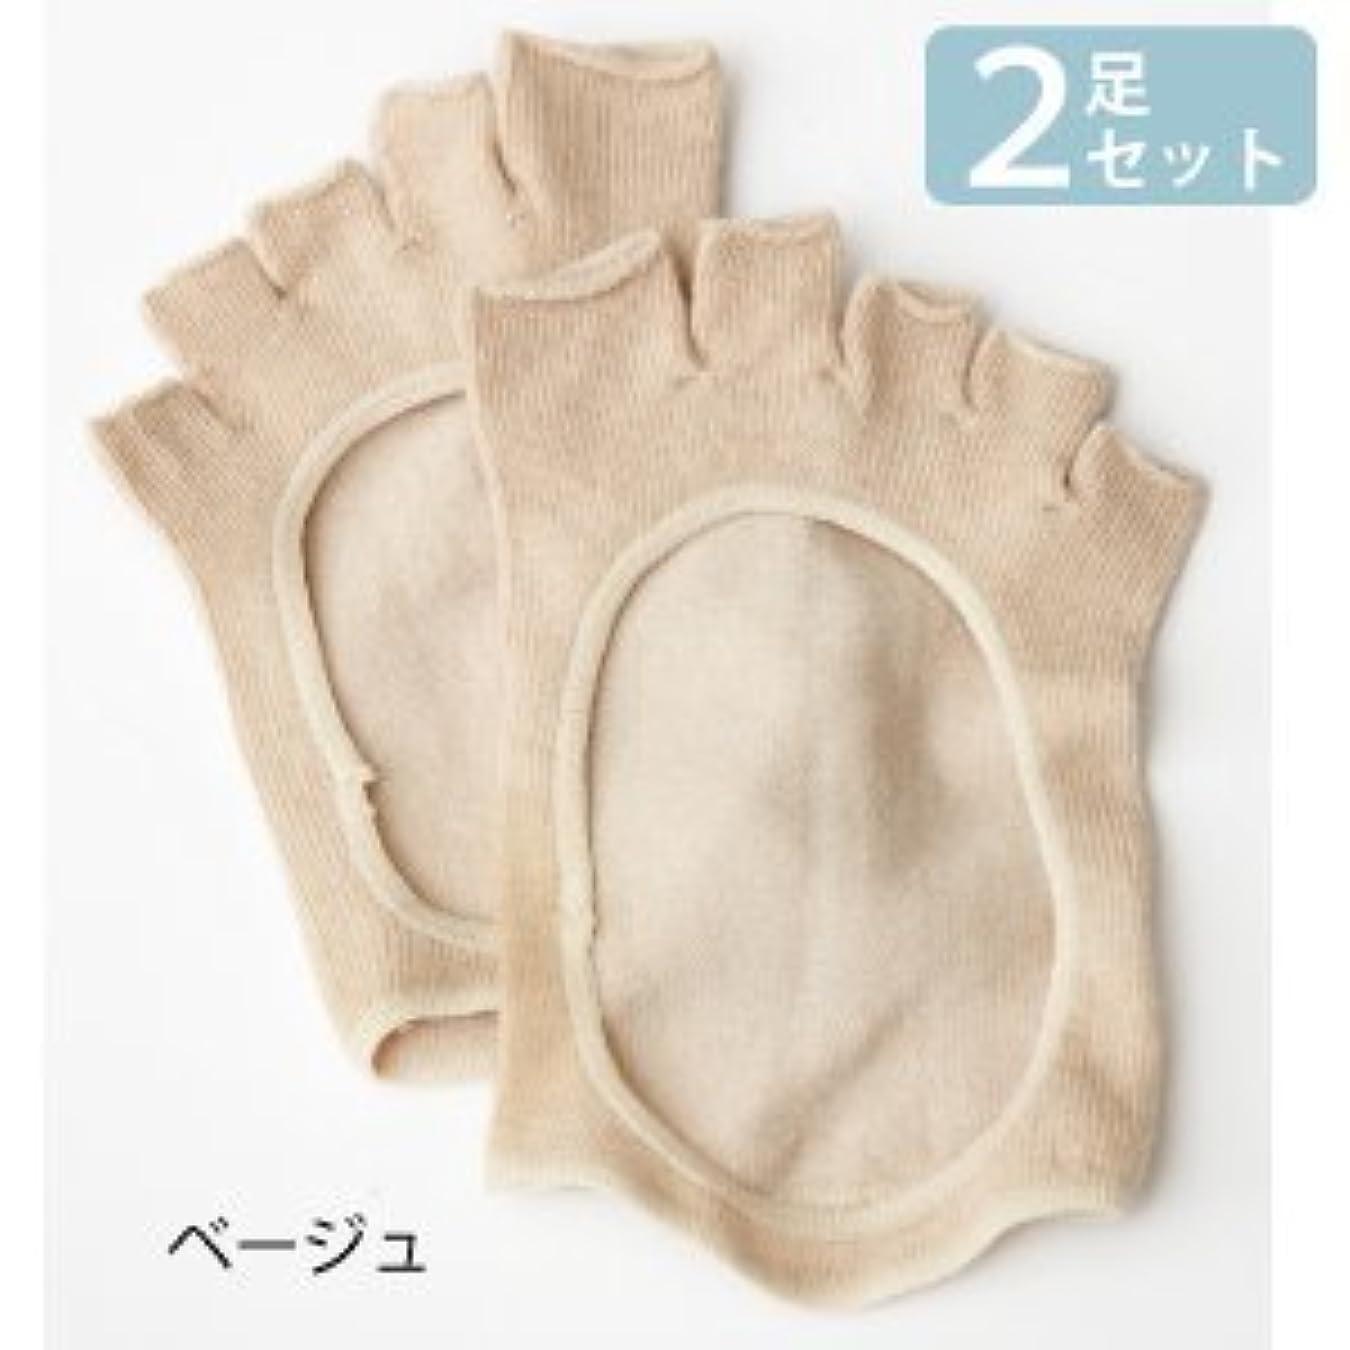 スツールクロールオープニング脱げにくい 足指セパレーター (2足セット, ベージュ)